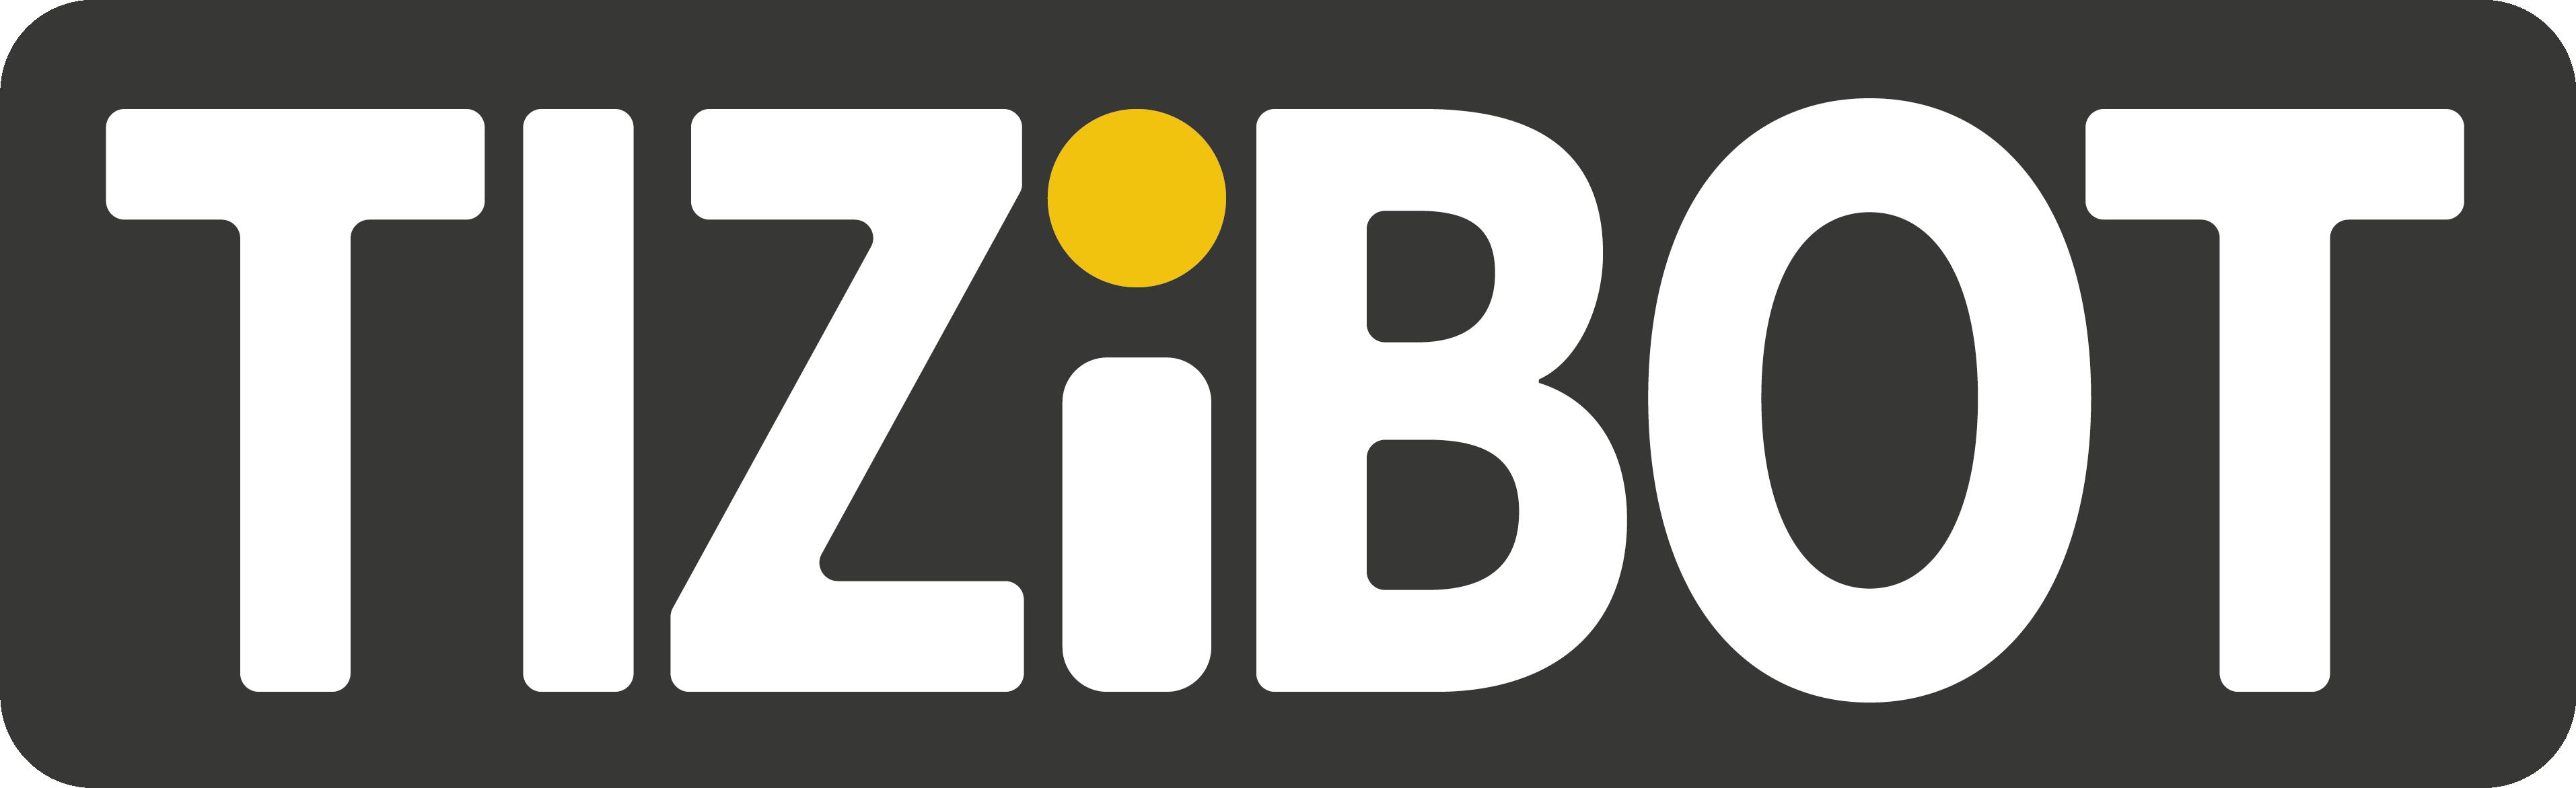 TIZiBOT logo